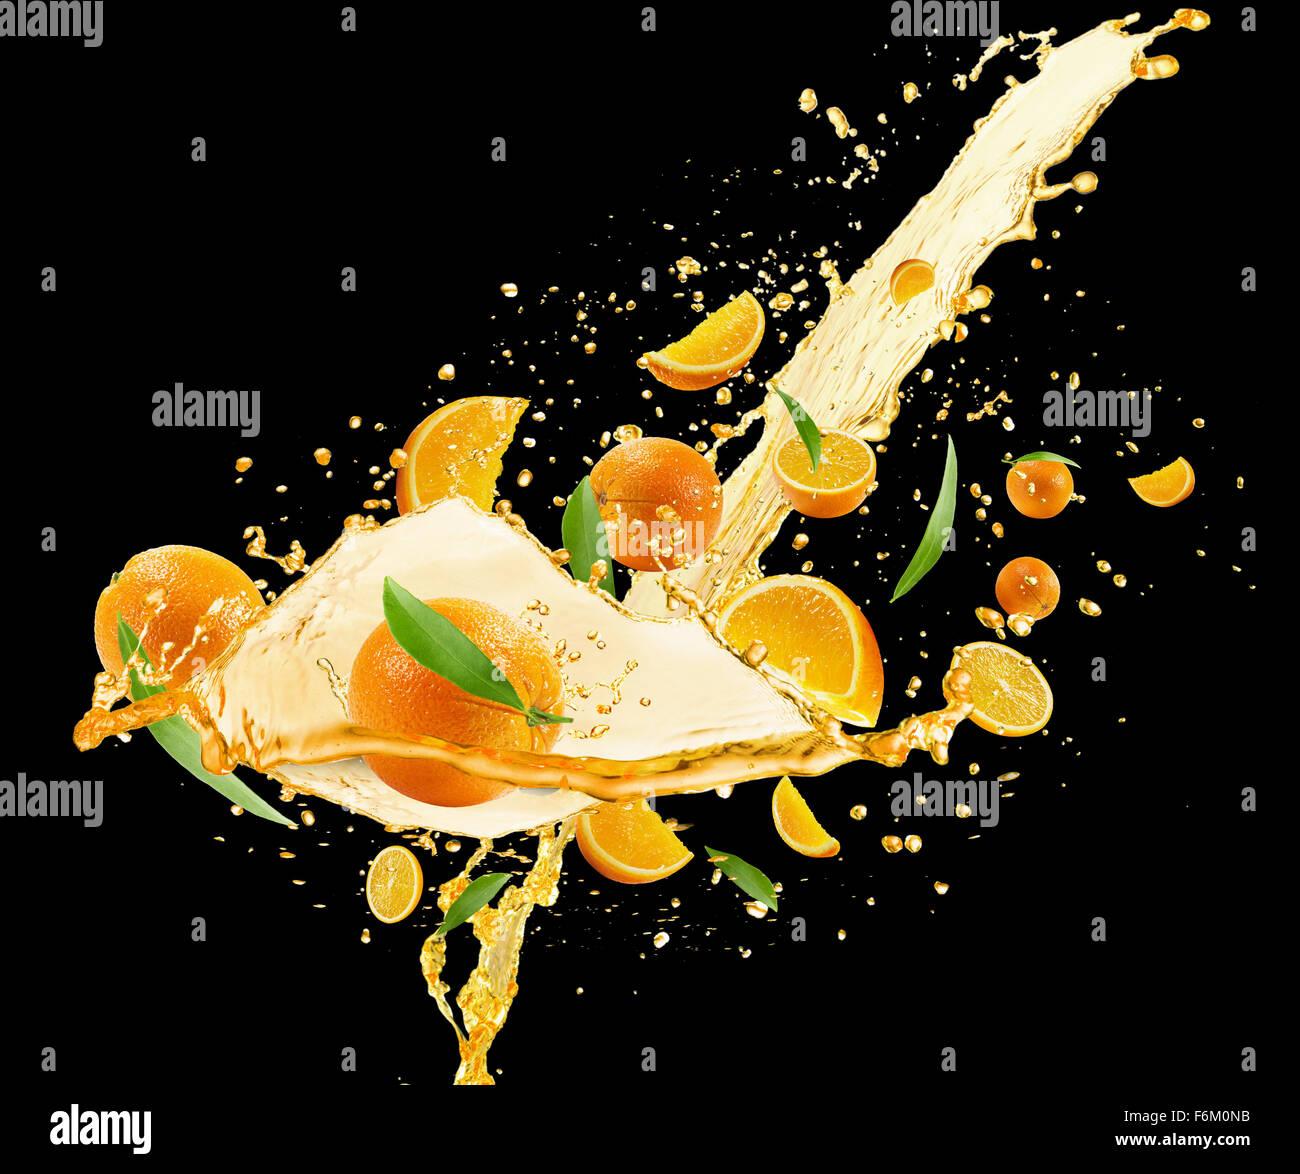 oranges with juice splash on the black background - Stock Image